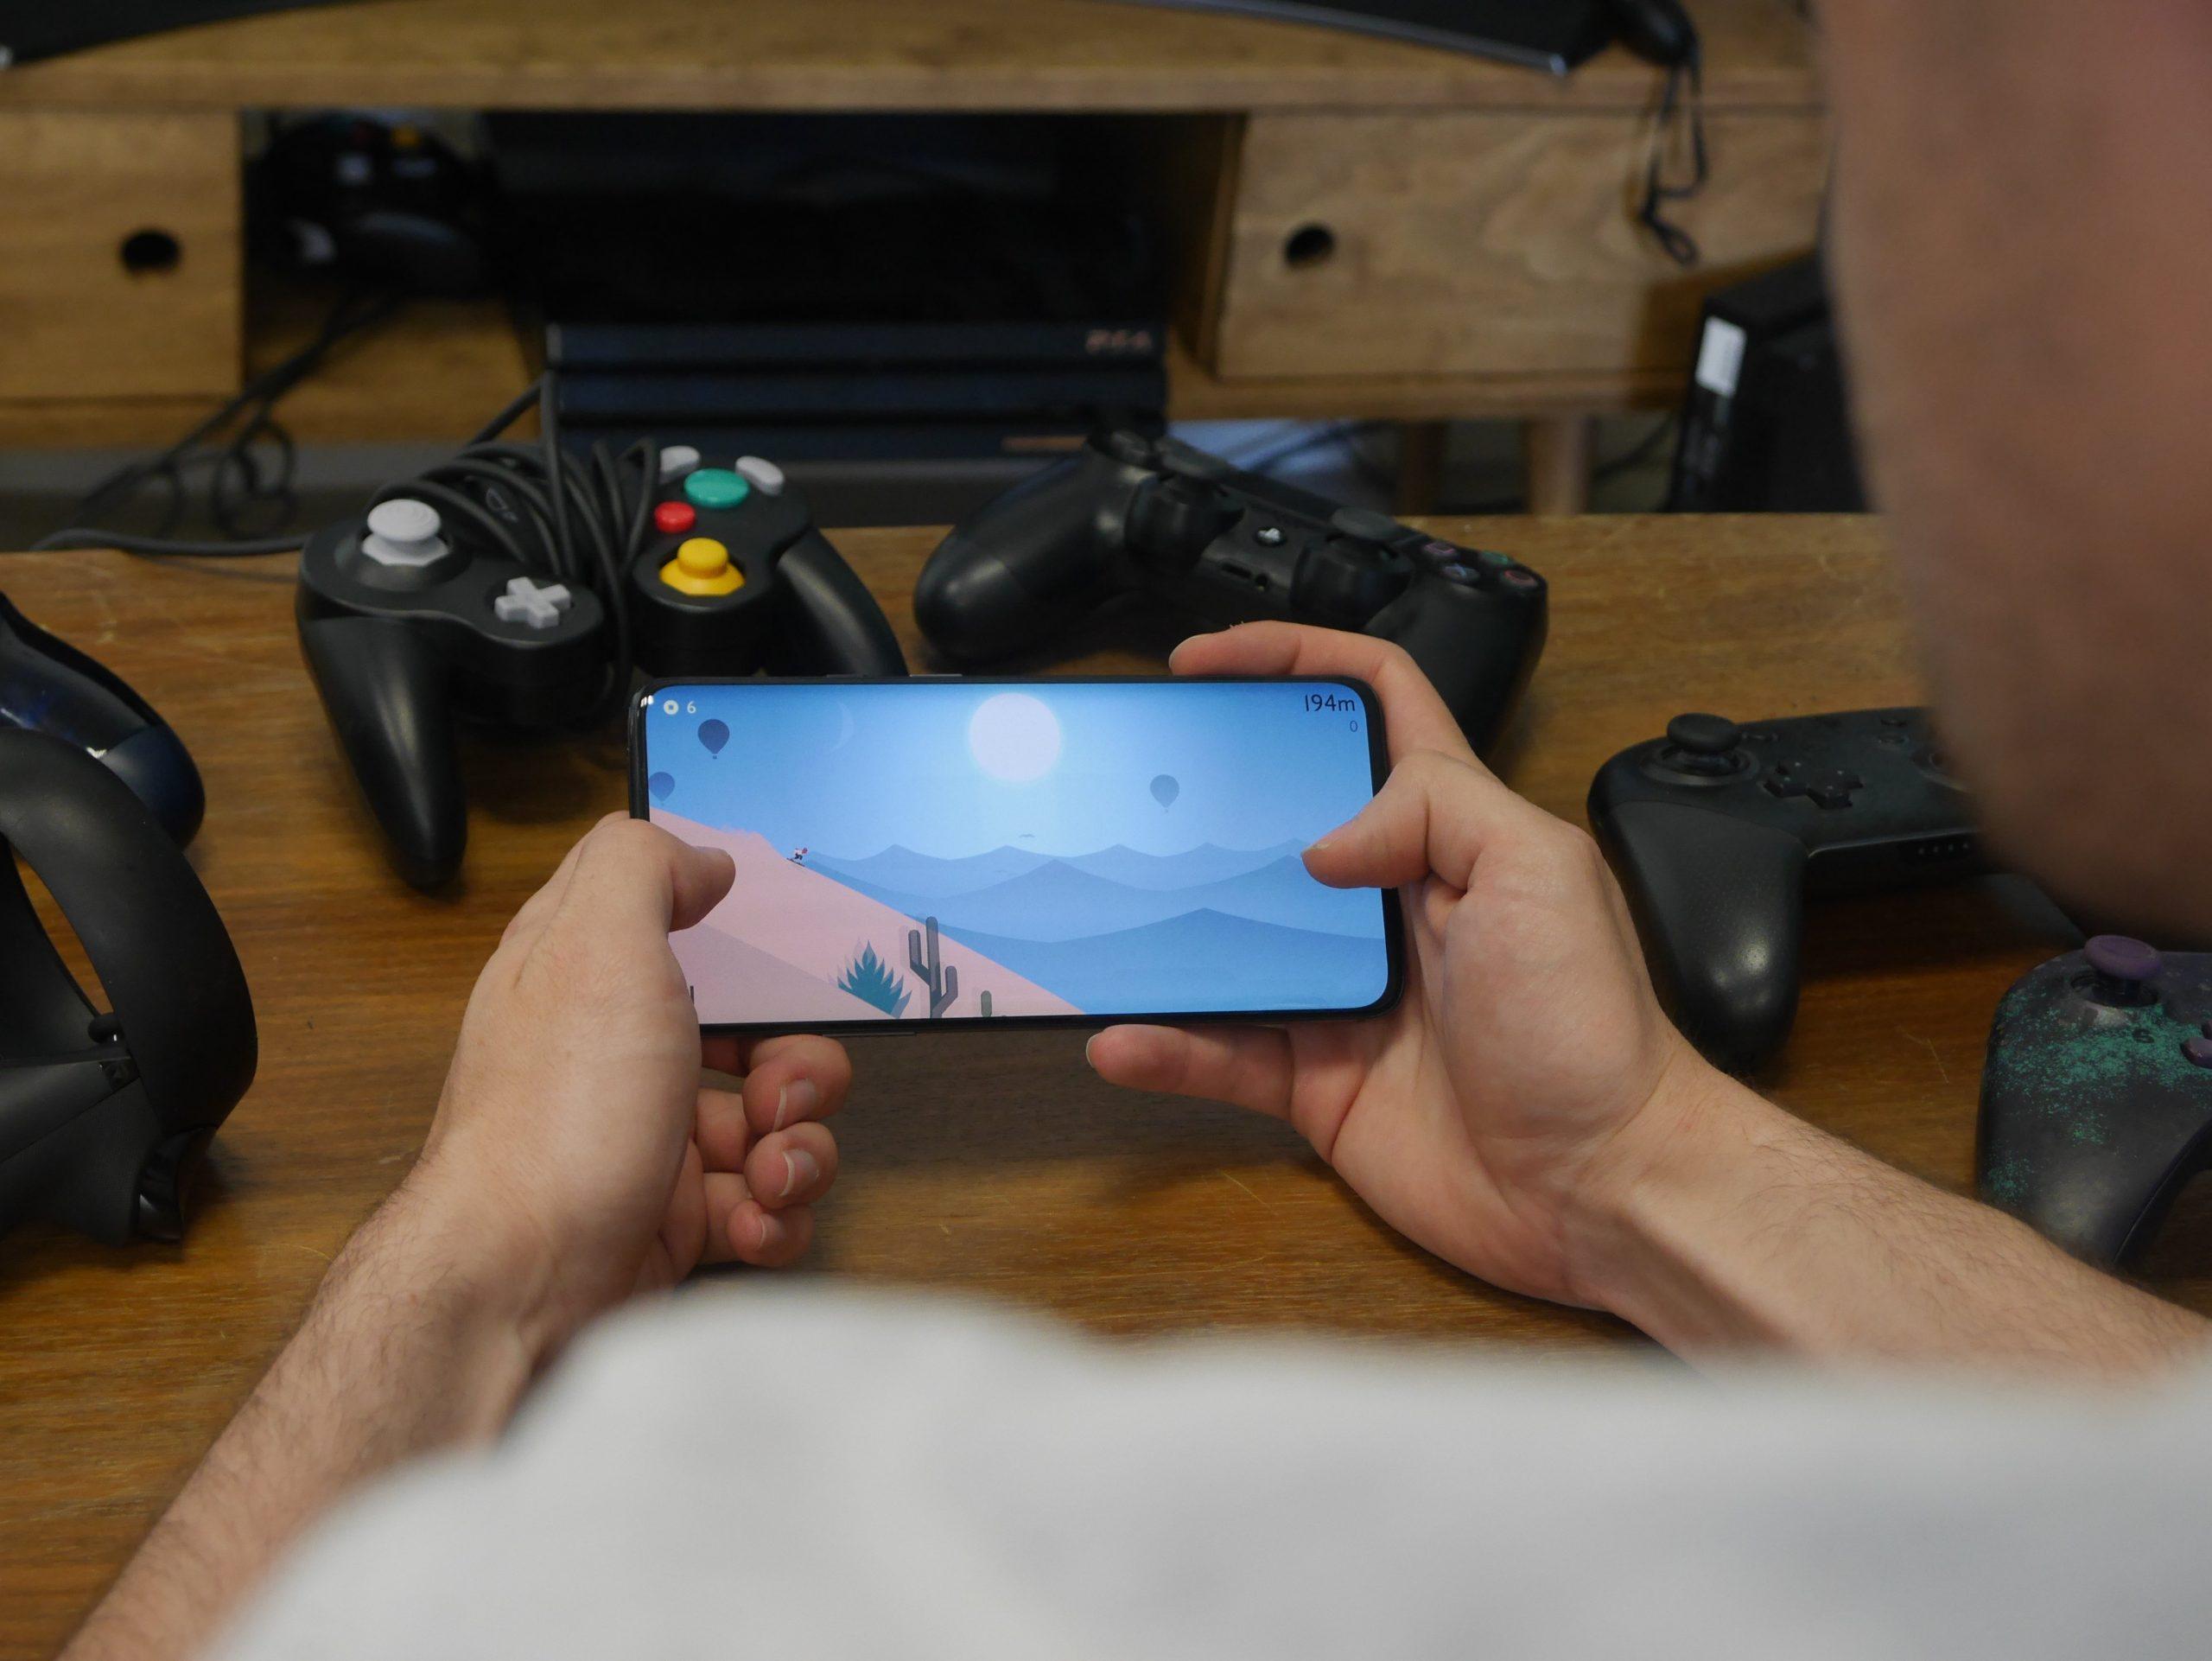 Les Meilleurs Jeux Gratuits Sur Android En 2020 encequiconcerne Jeux Gratuits En Ligne Sans Inscription Et Sans Telechargement